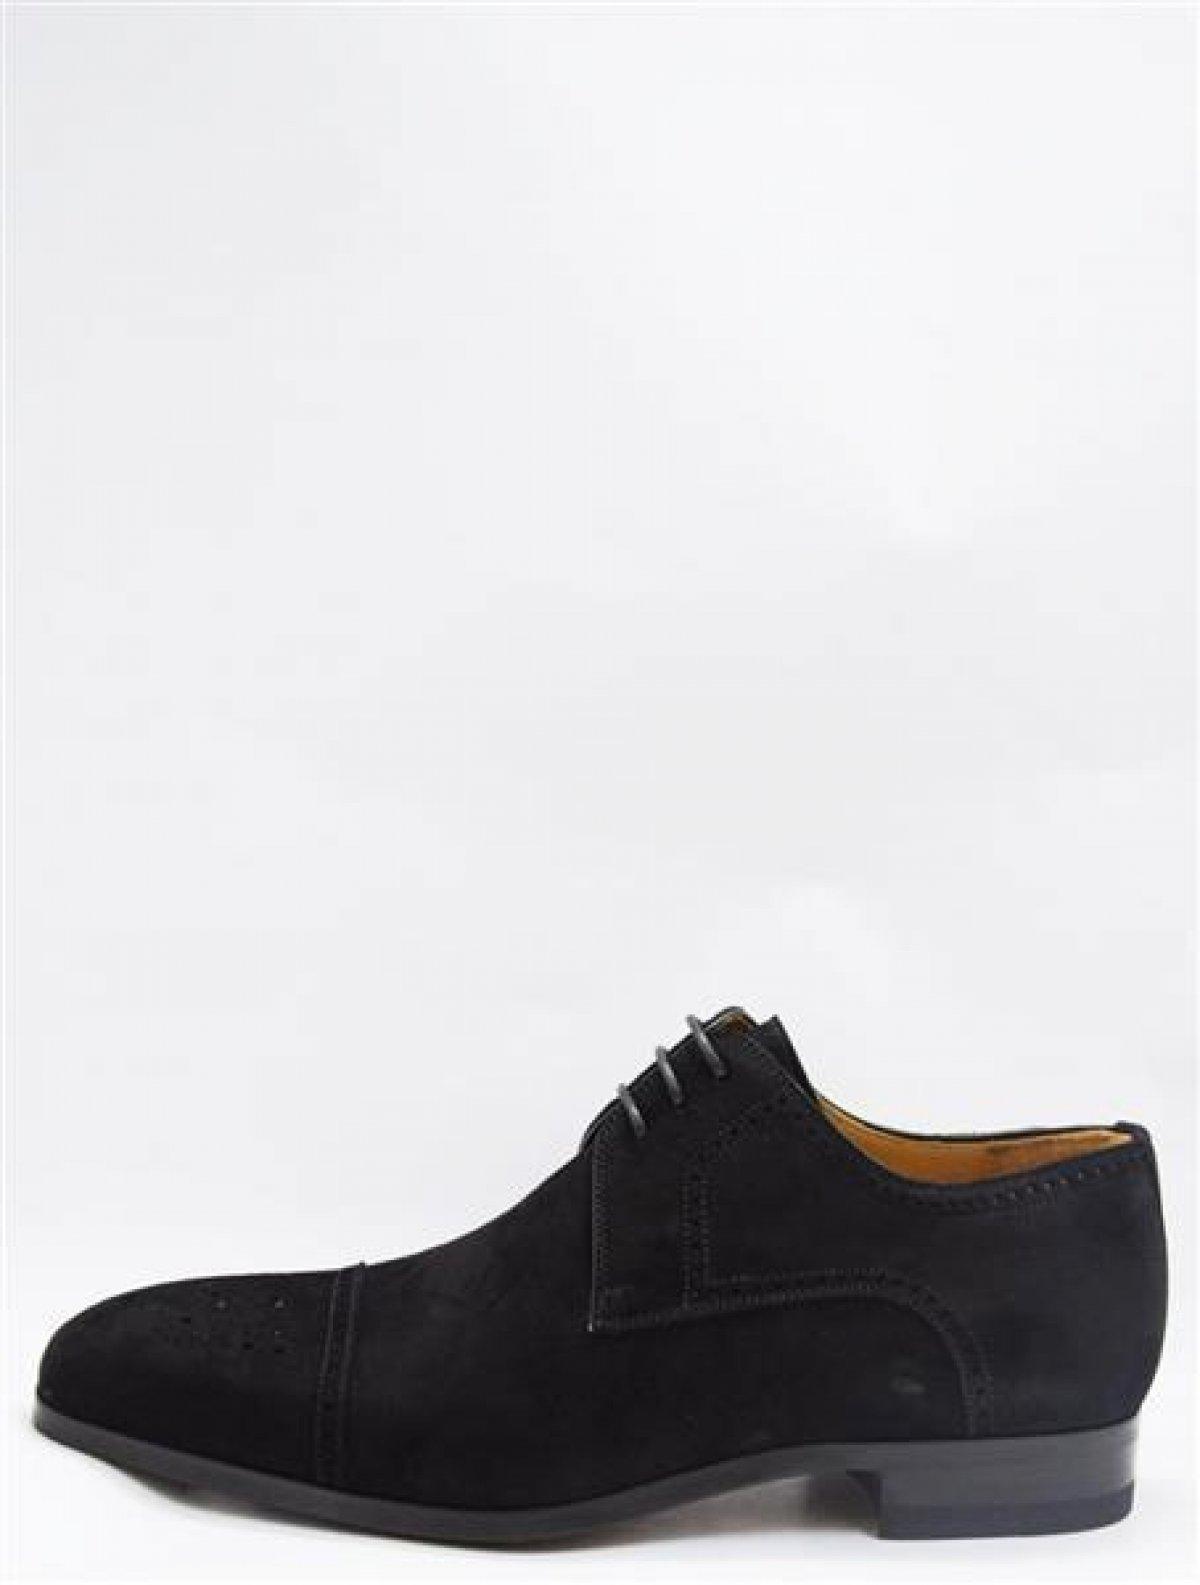 13700 мужские туфли